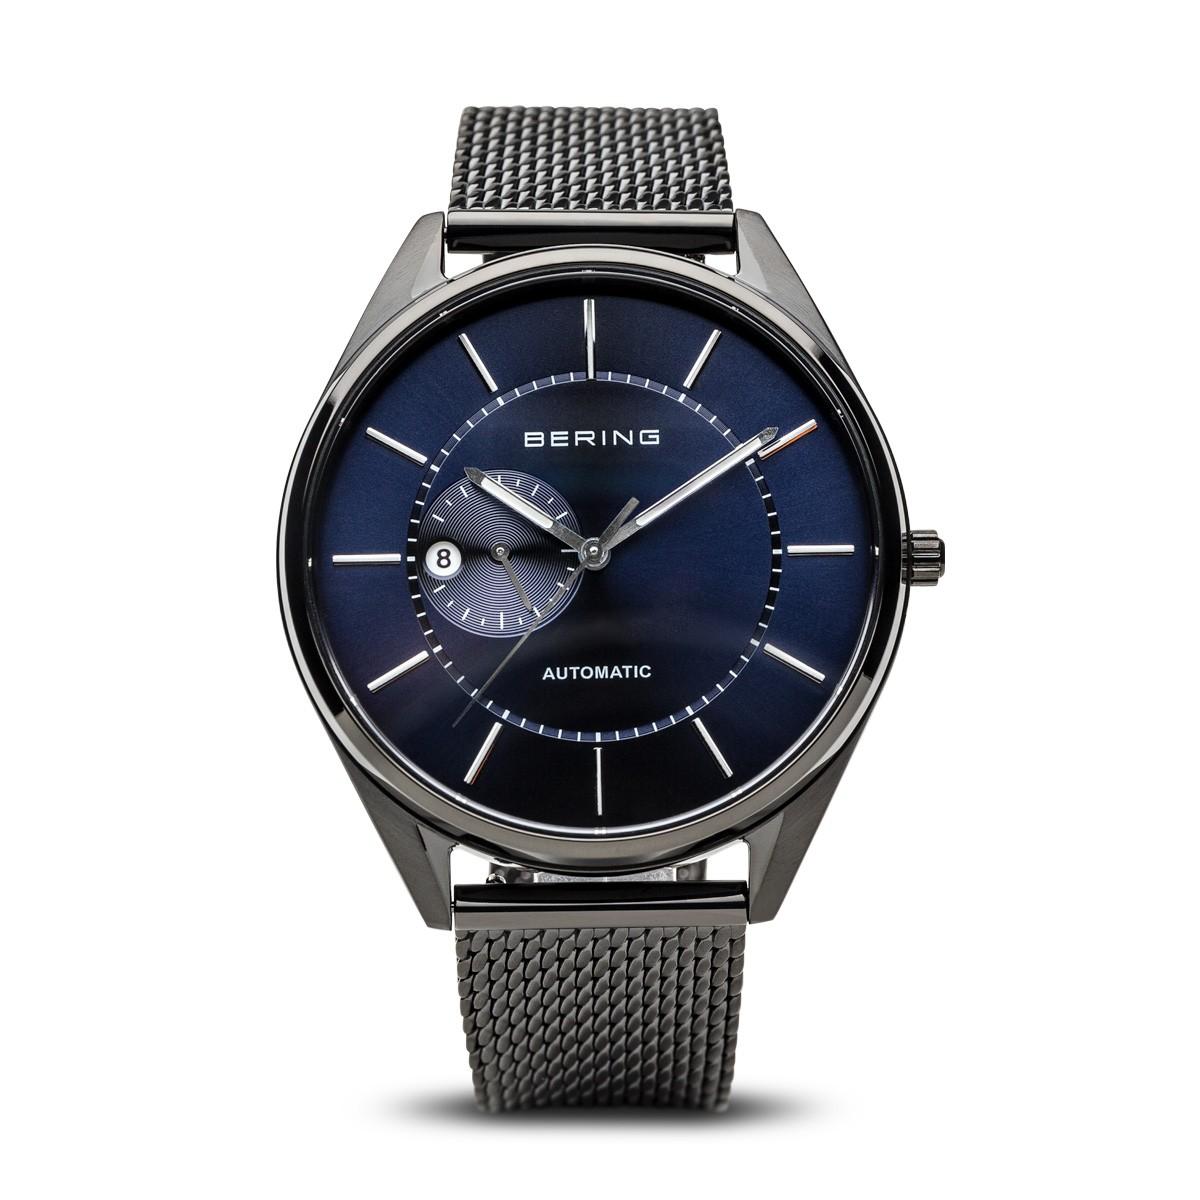 Bering Automatic férfi óra kék számlappal - 16243-227 5a620cfc89